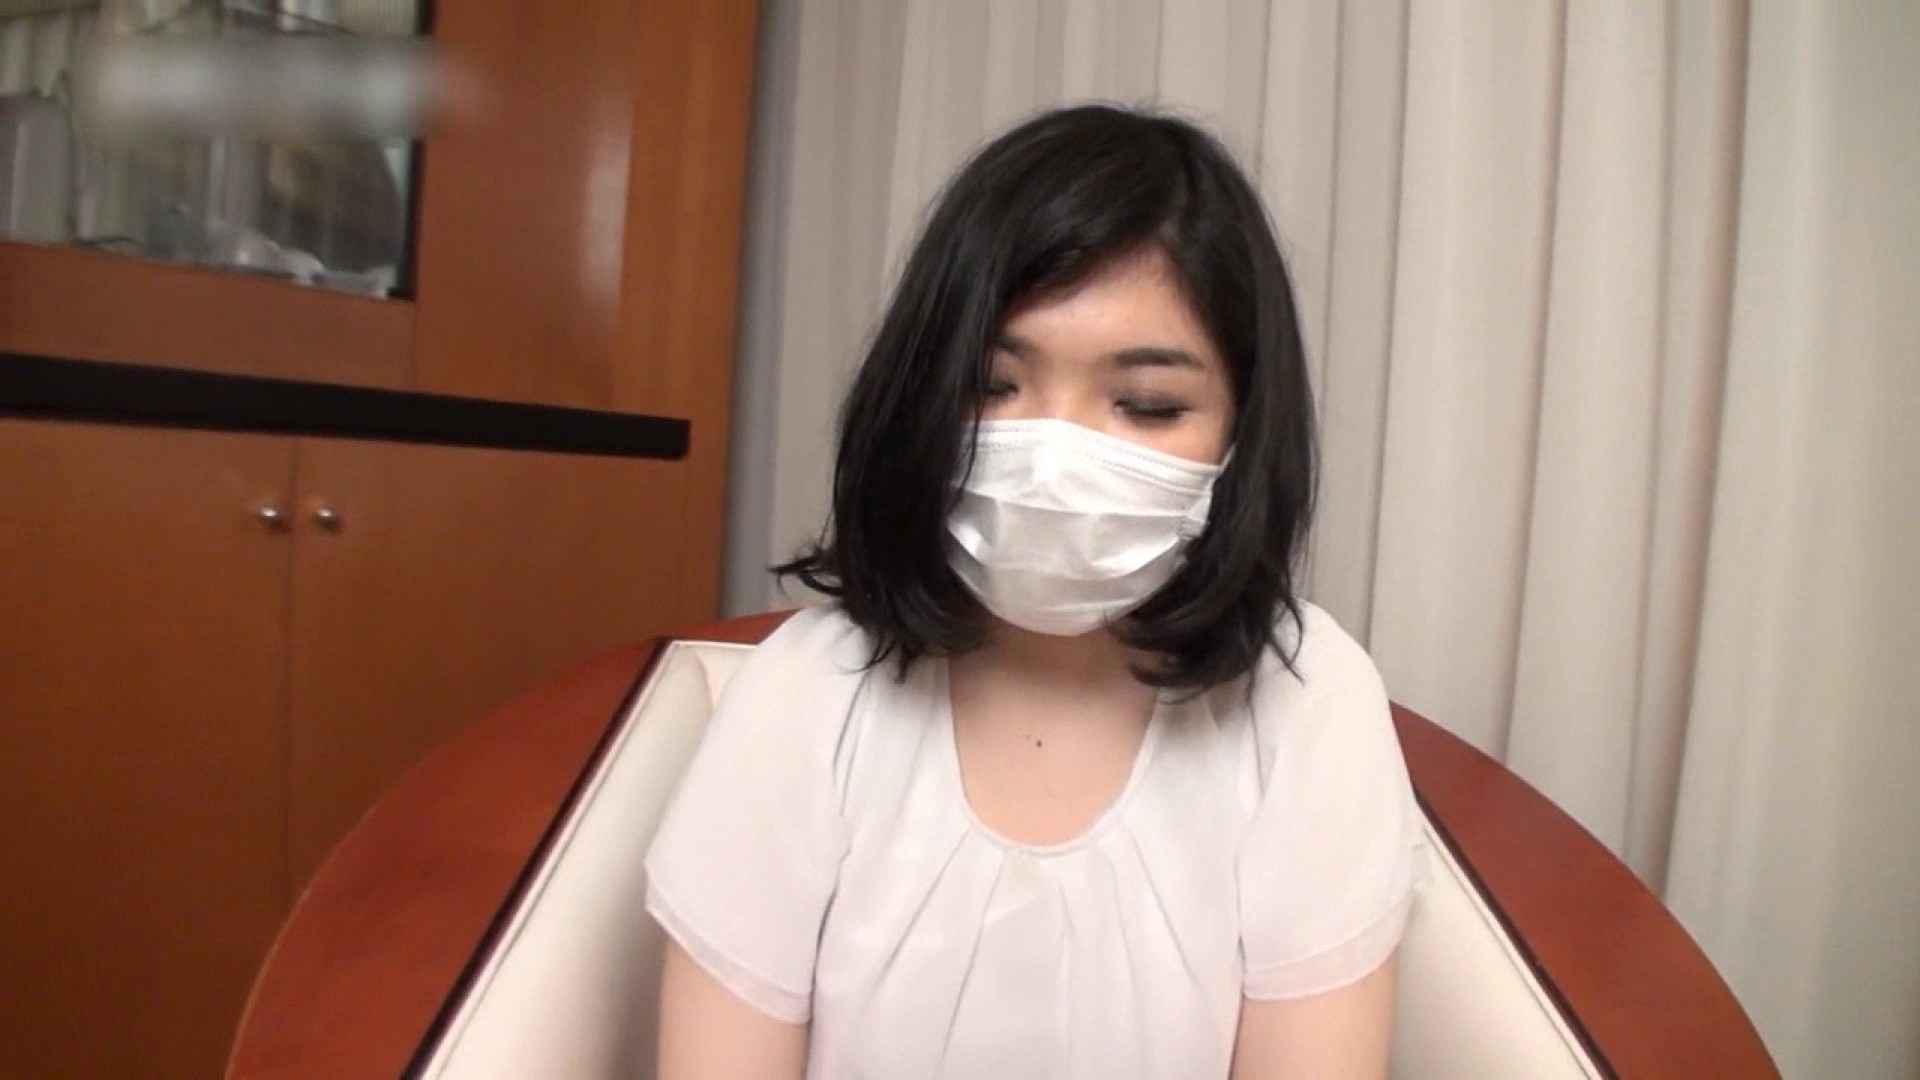 ギャルエロ娘の反乱 Vol.15 前編 OLのエッチ おまんこ無修正動画無料 65pic 14